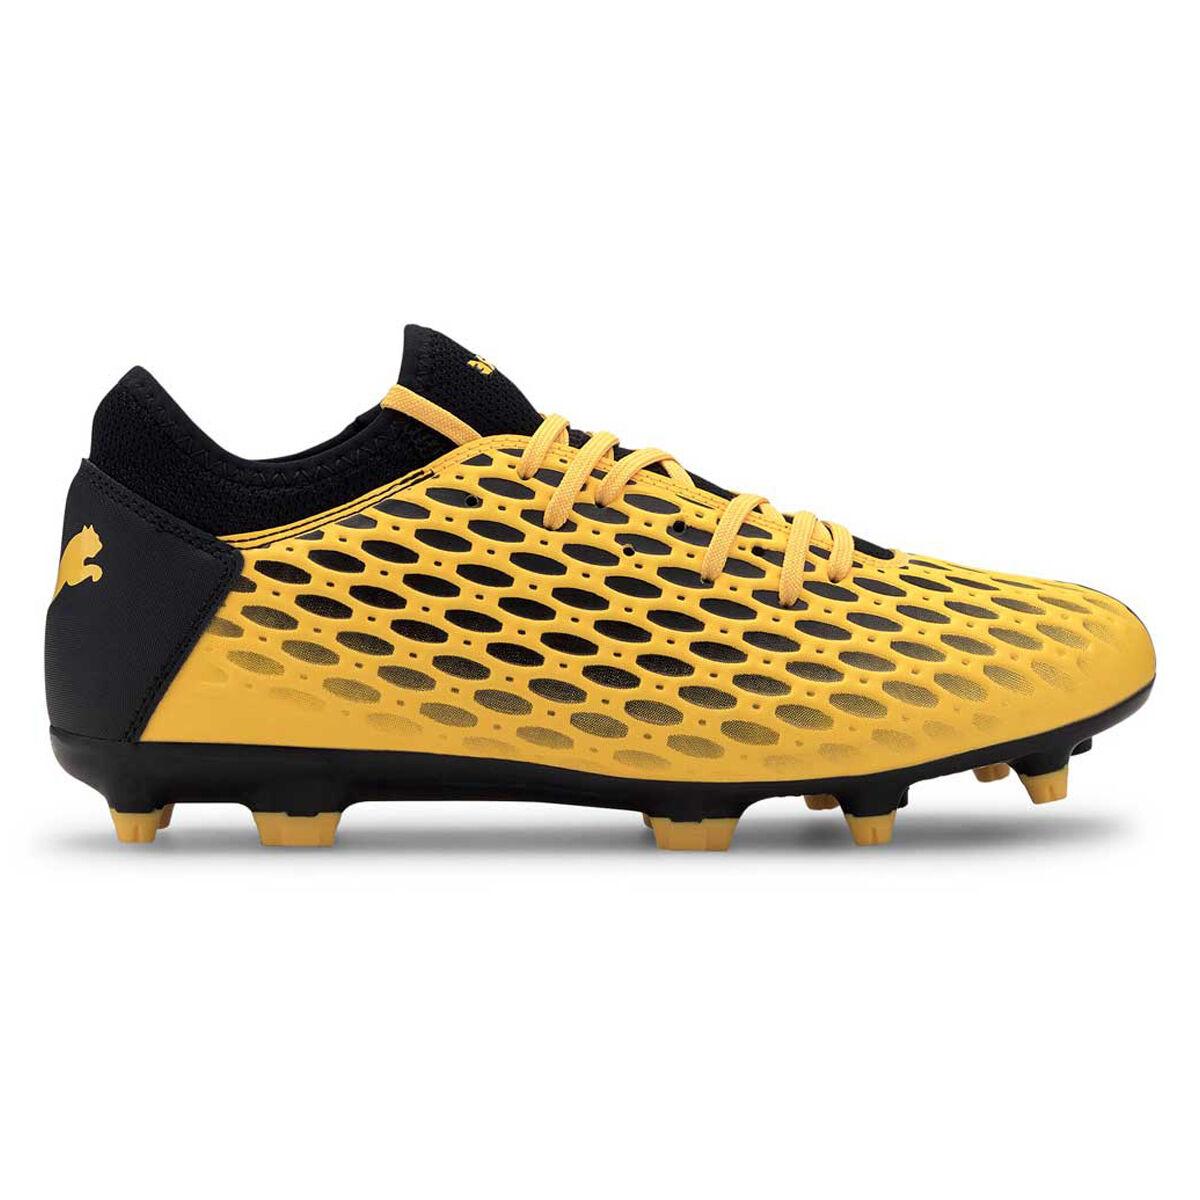 Puma Future 5.4 Football Boots